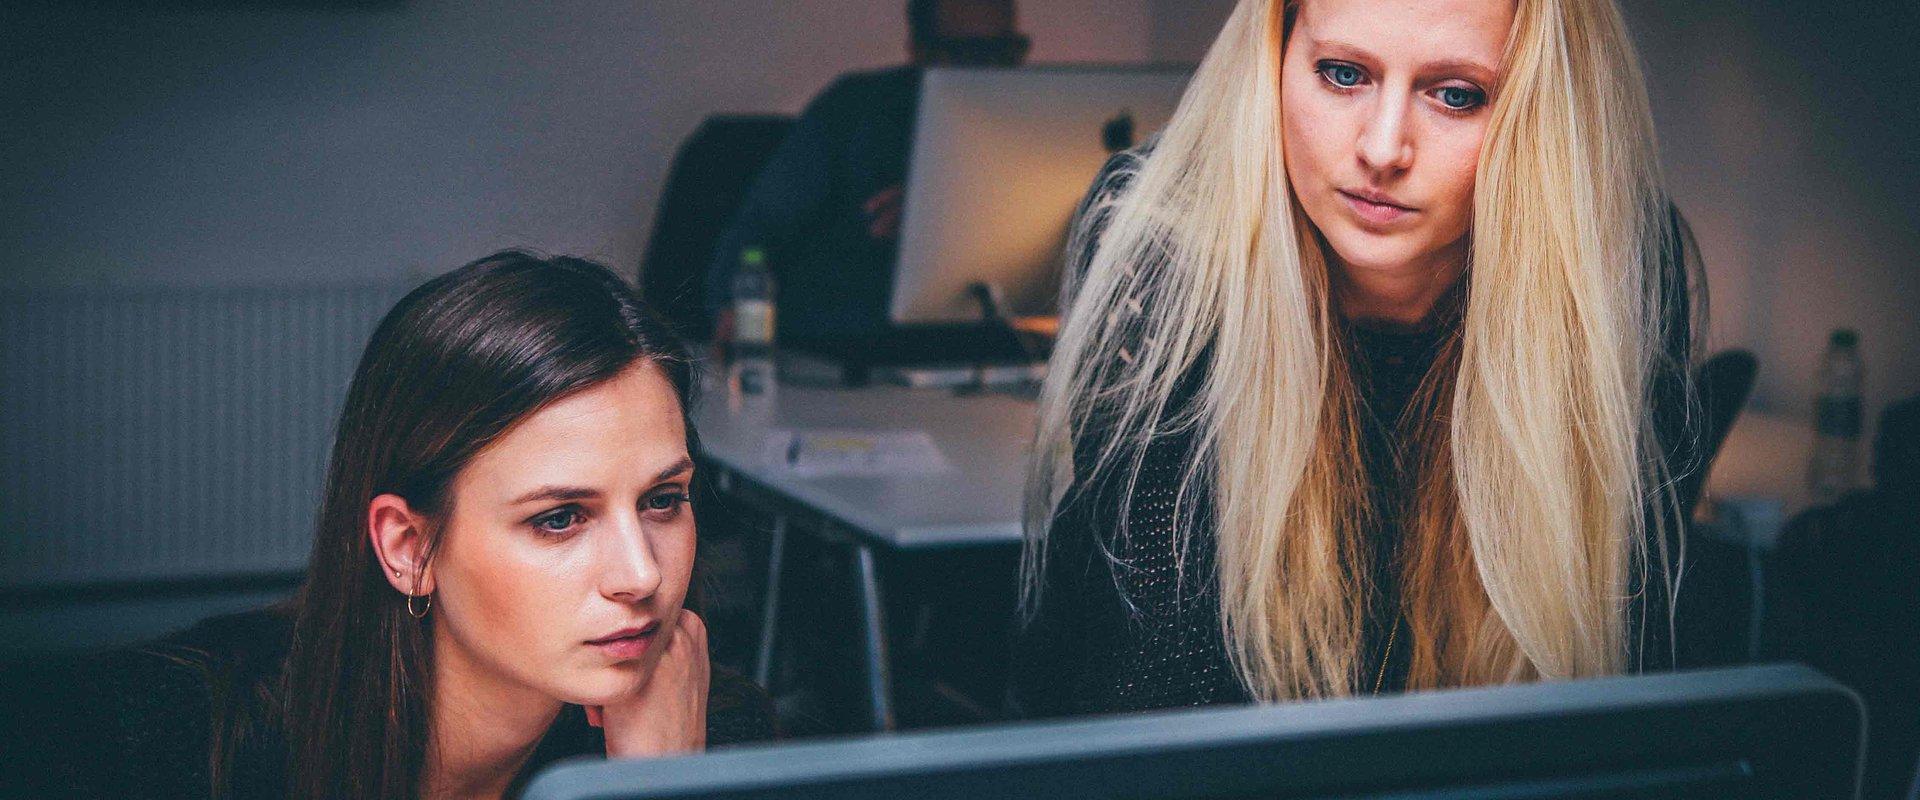 Dyskryminacja kobiet w pracy jest faktem